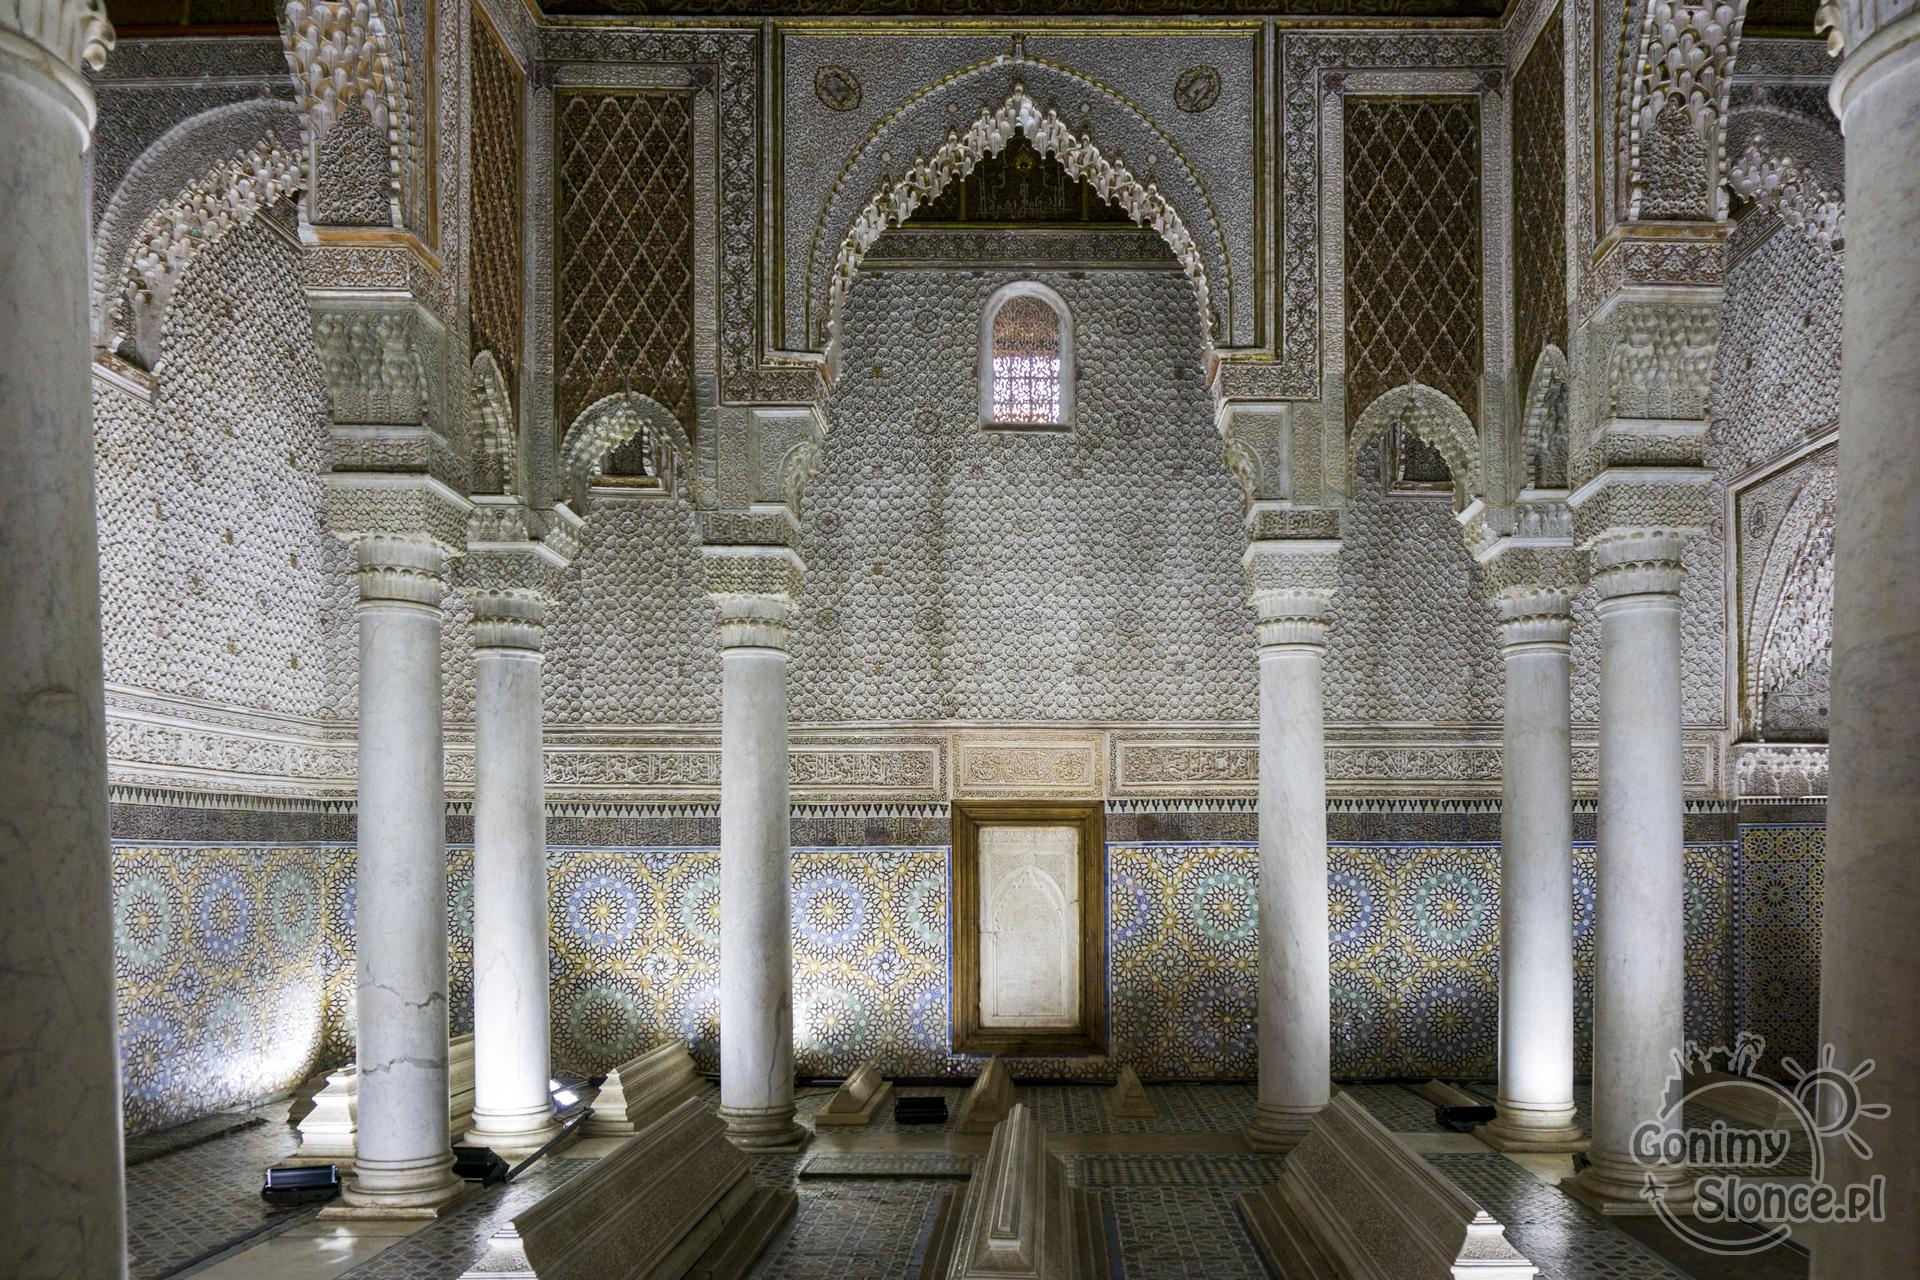 Marrakesz, Grobowce Saadytów